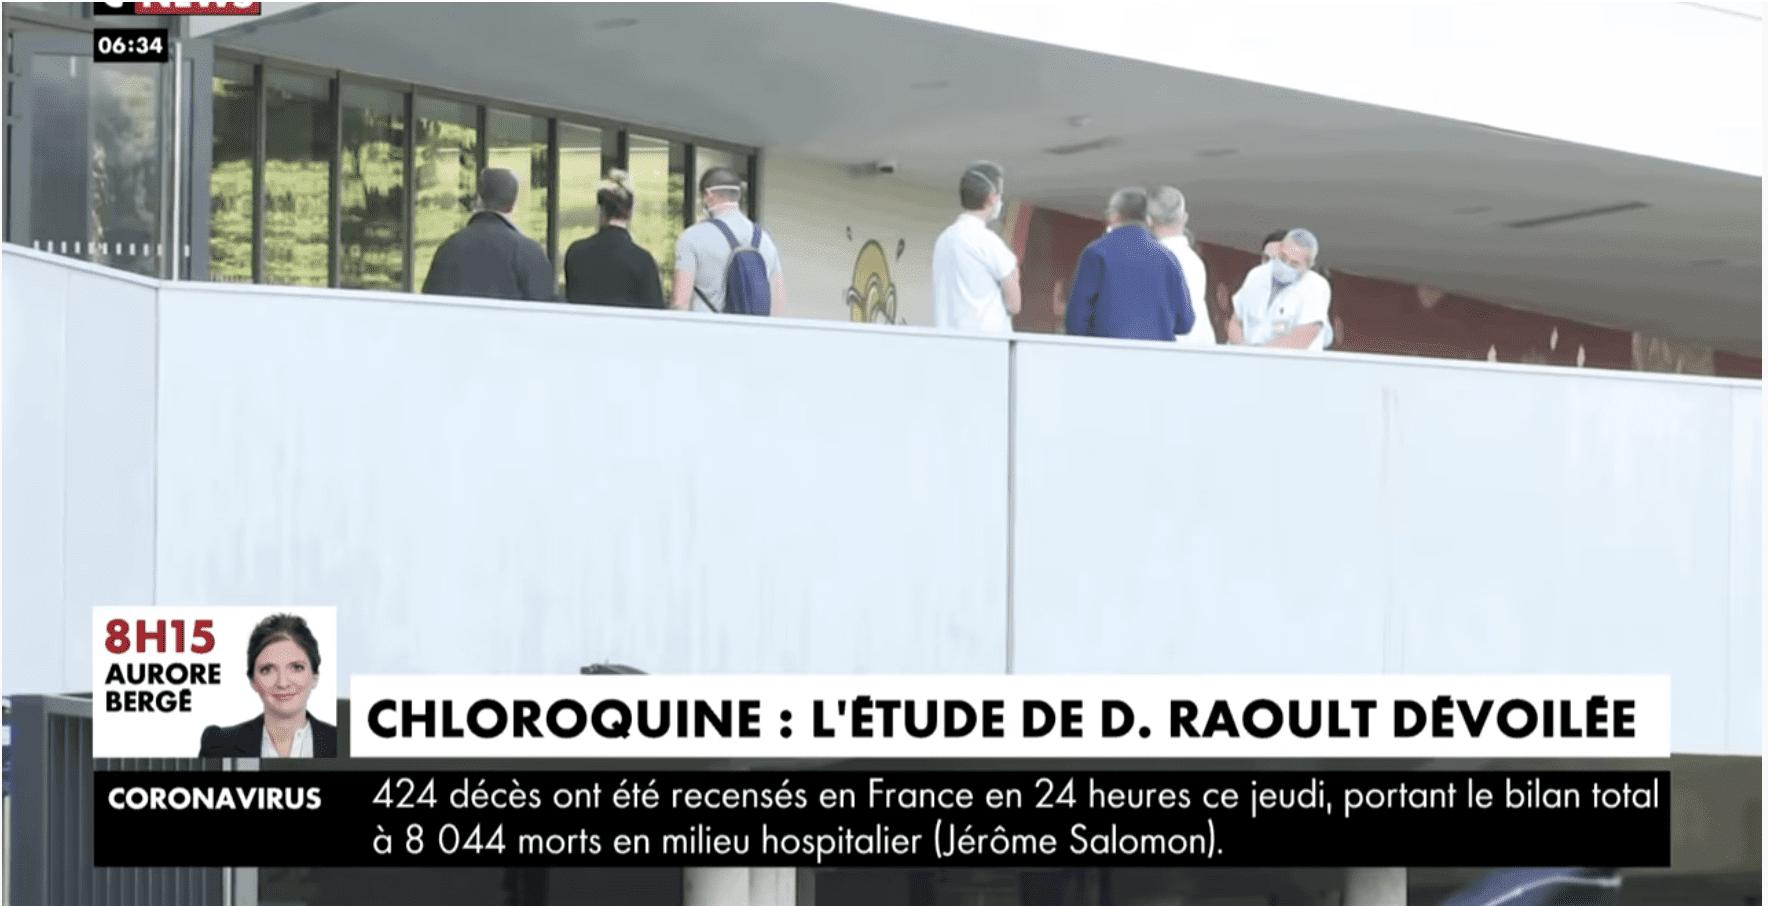 Coup de tonnerre: Didier Raoult annonce 91% d'efficacité de la Chloroquine (video)